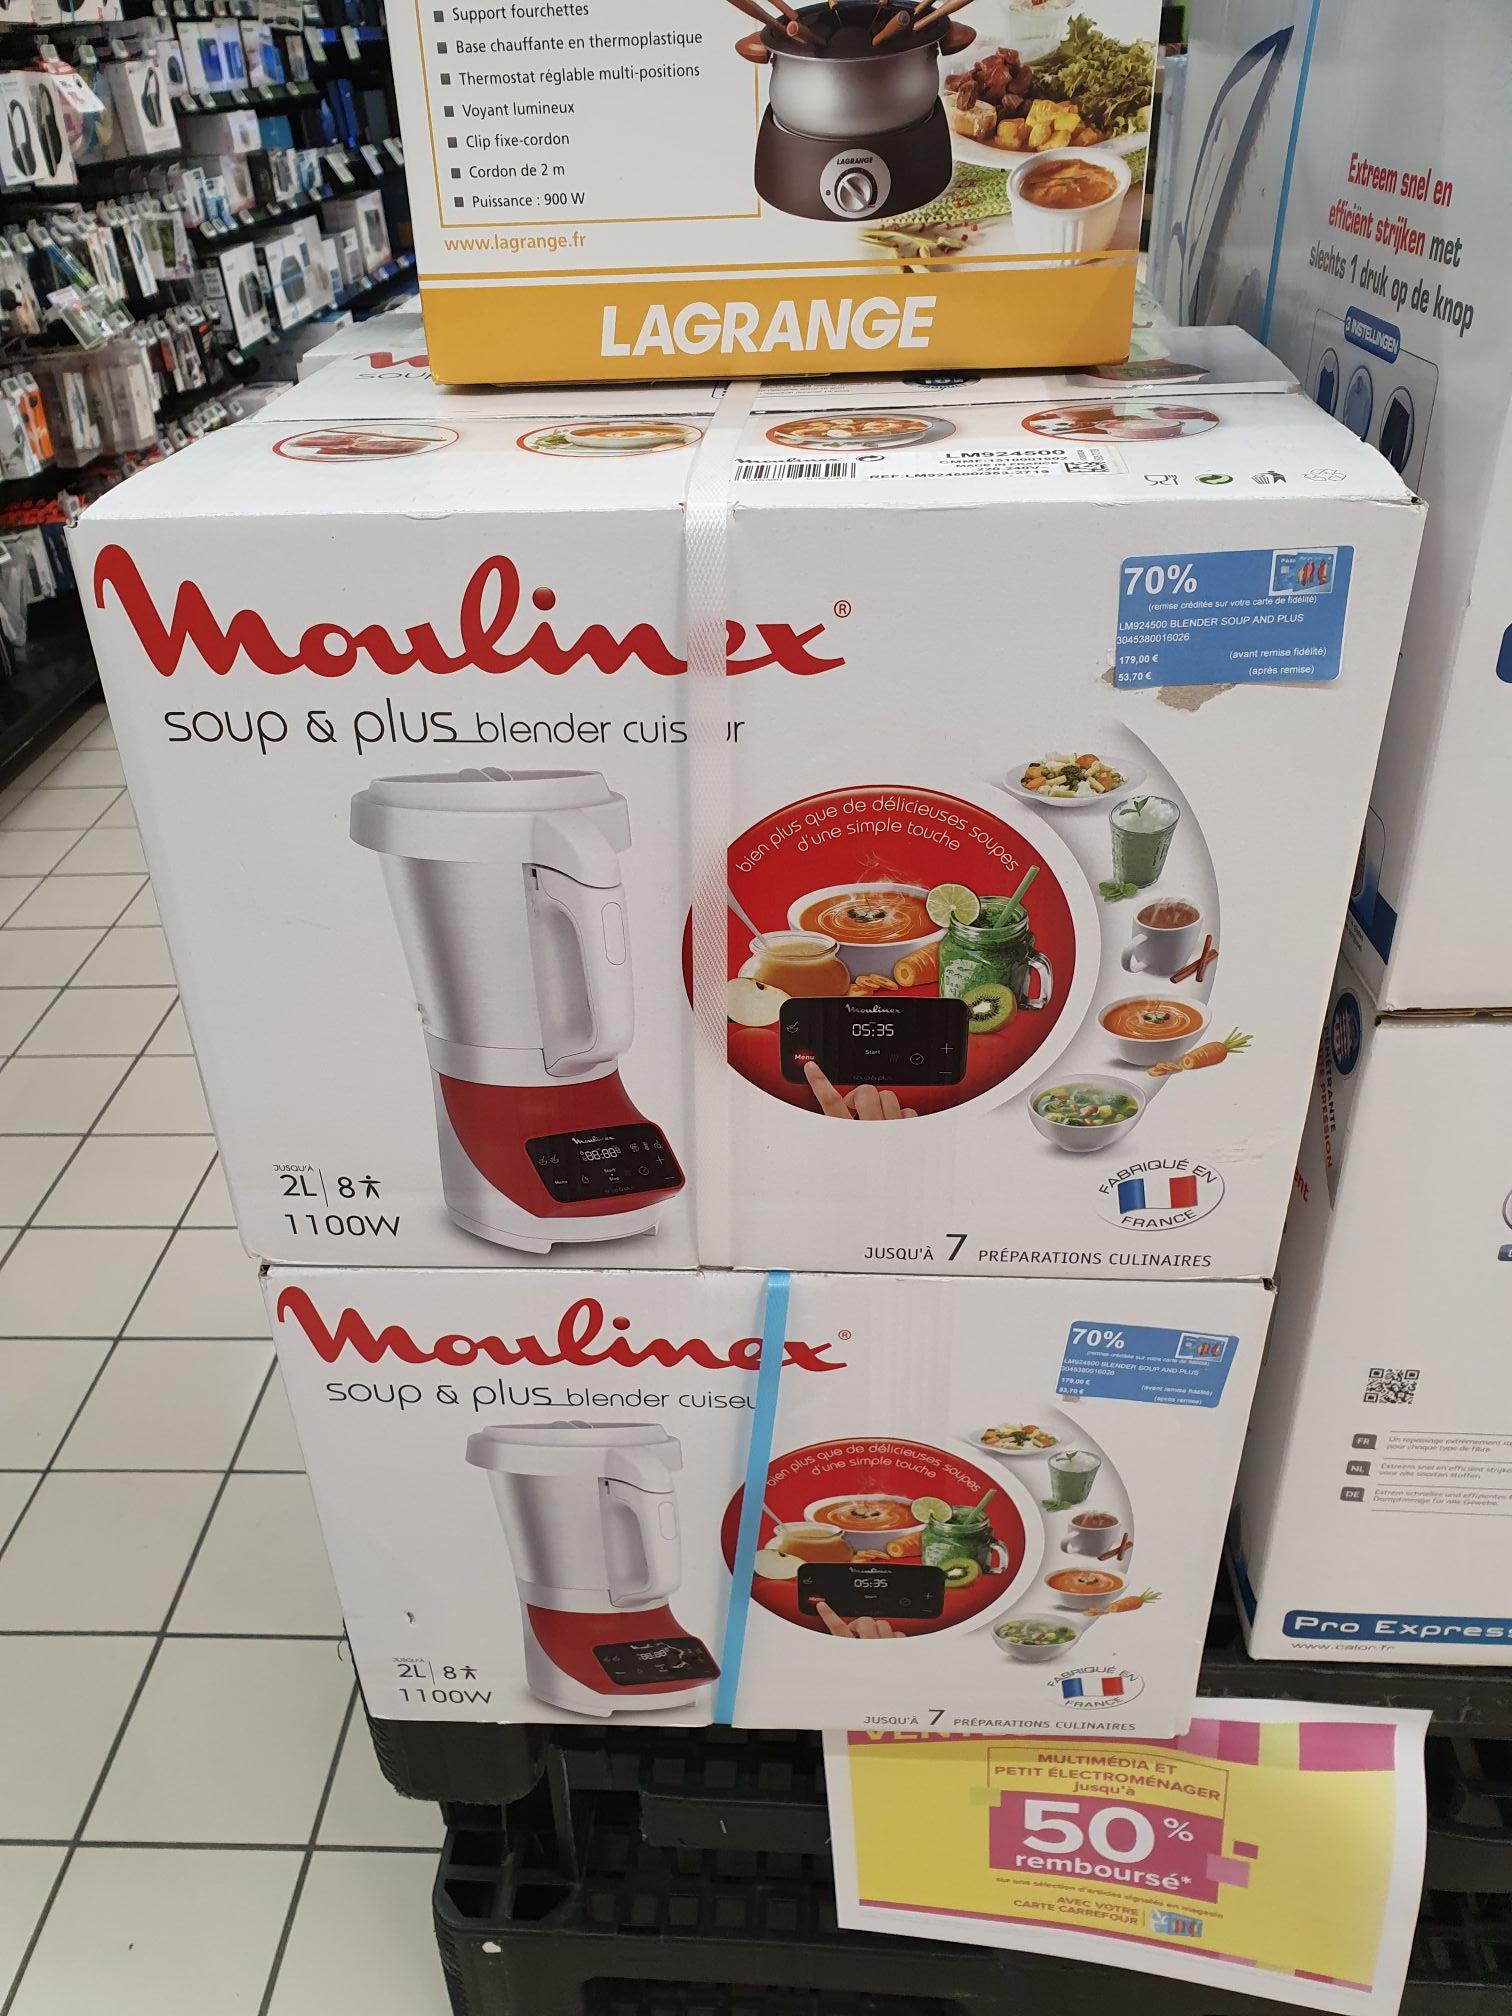 Jusqu'à -80% de remise fidélité sur une sélection de produits (Ex: Blender Moulinex Soup Maker via 125.30€ sur la carte) - Maubeuge 59